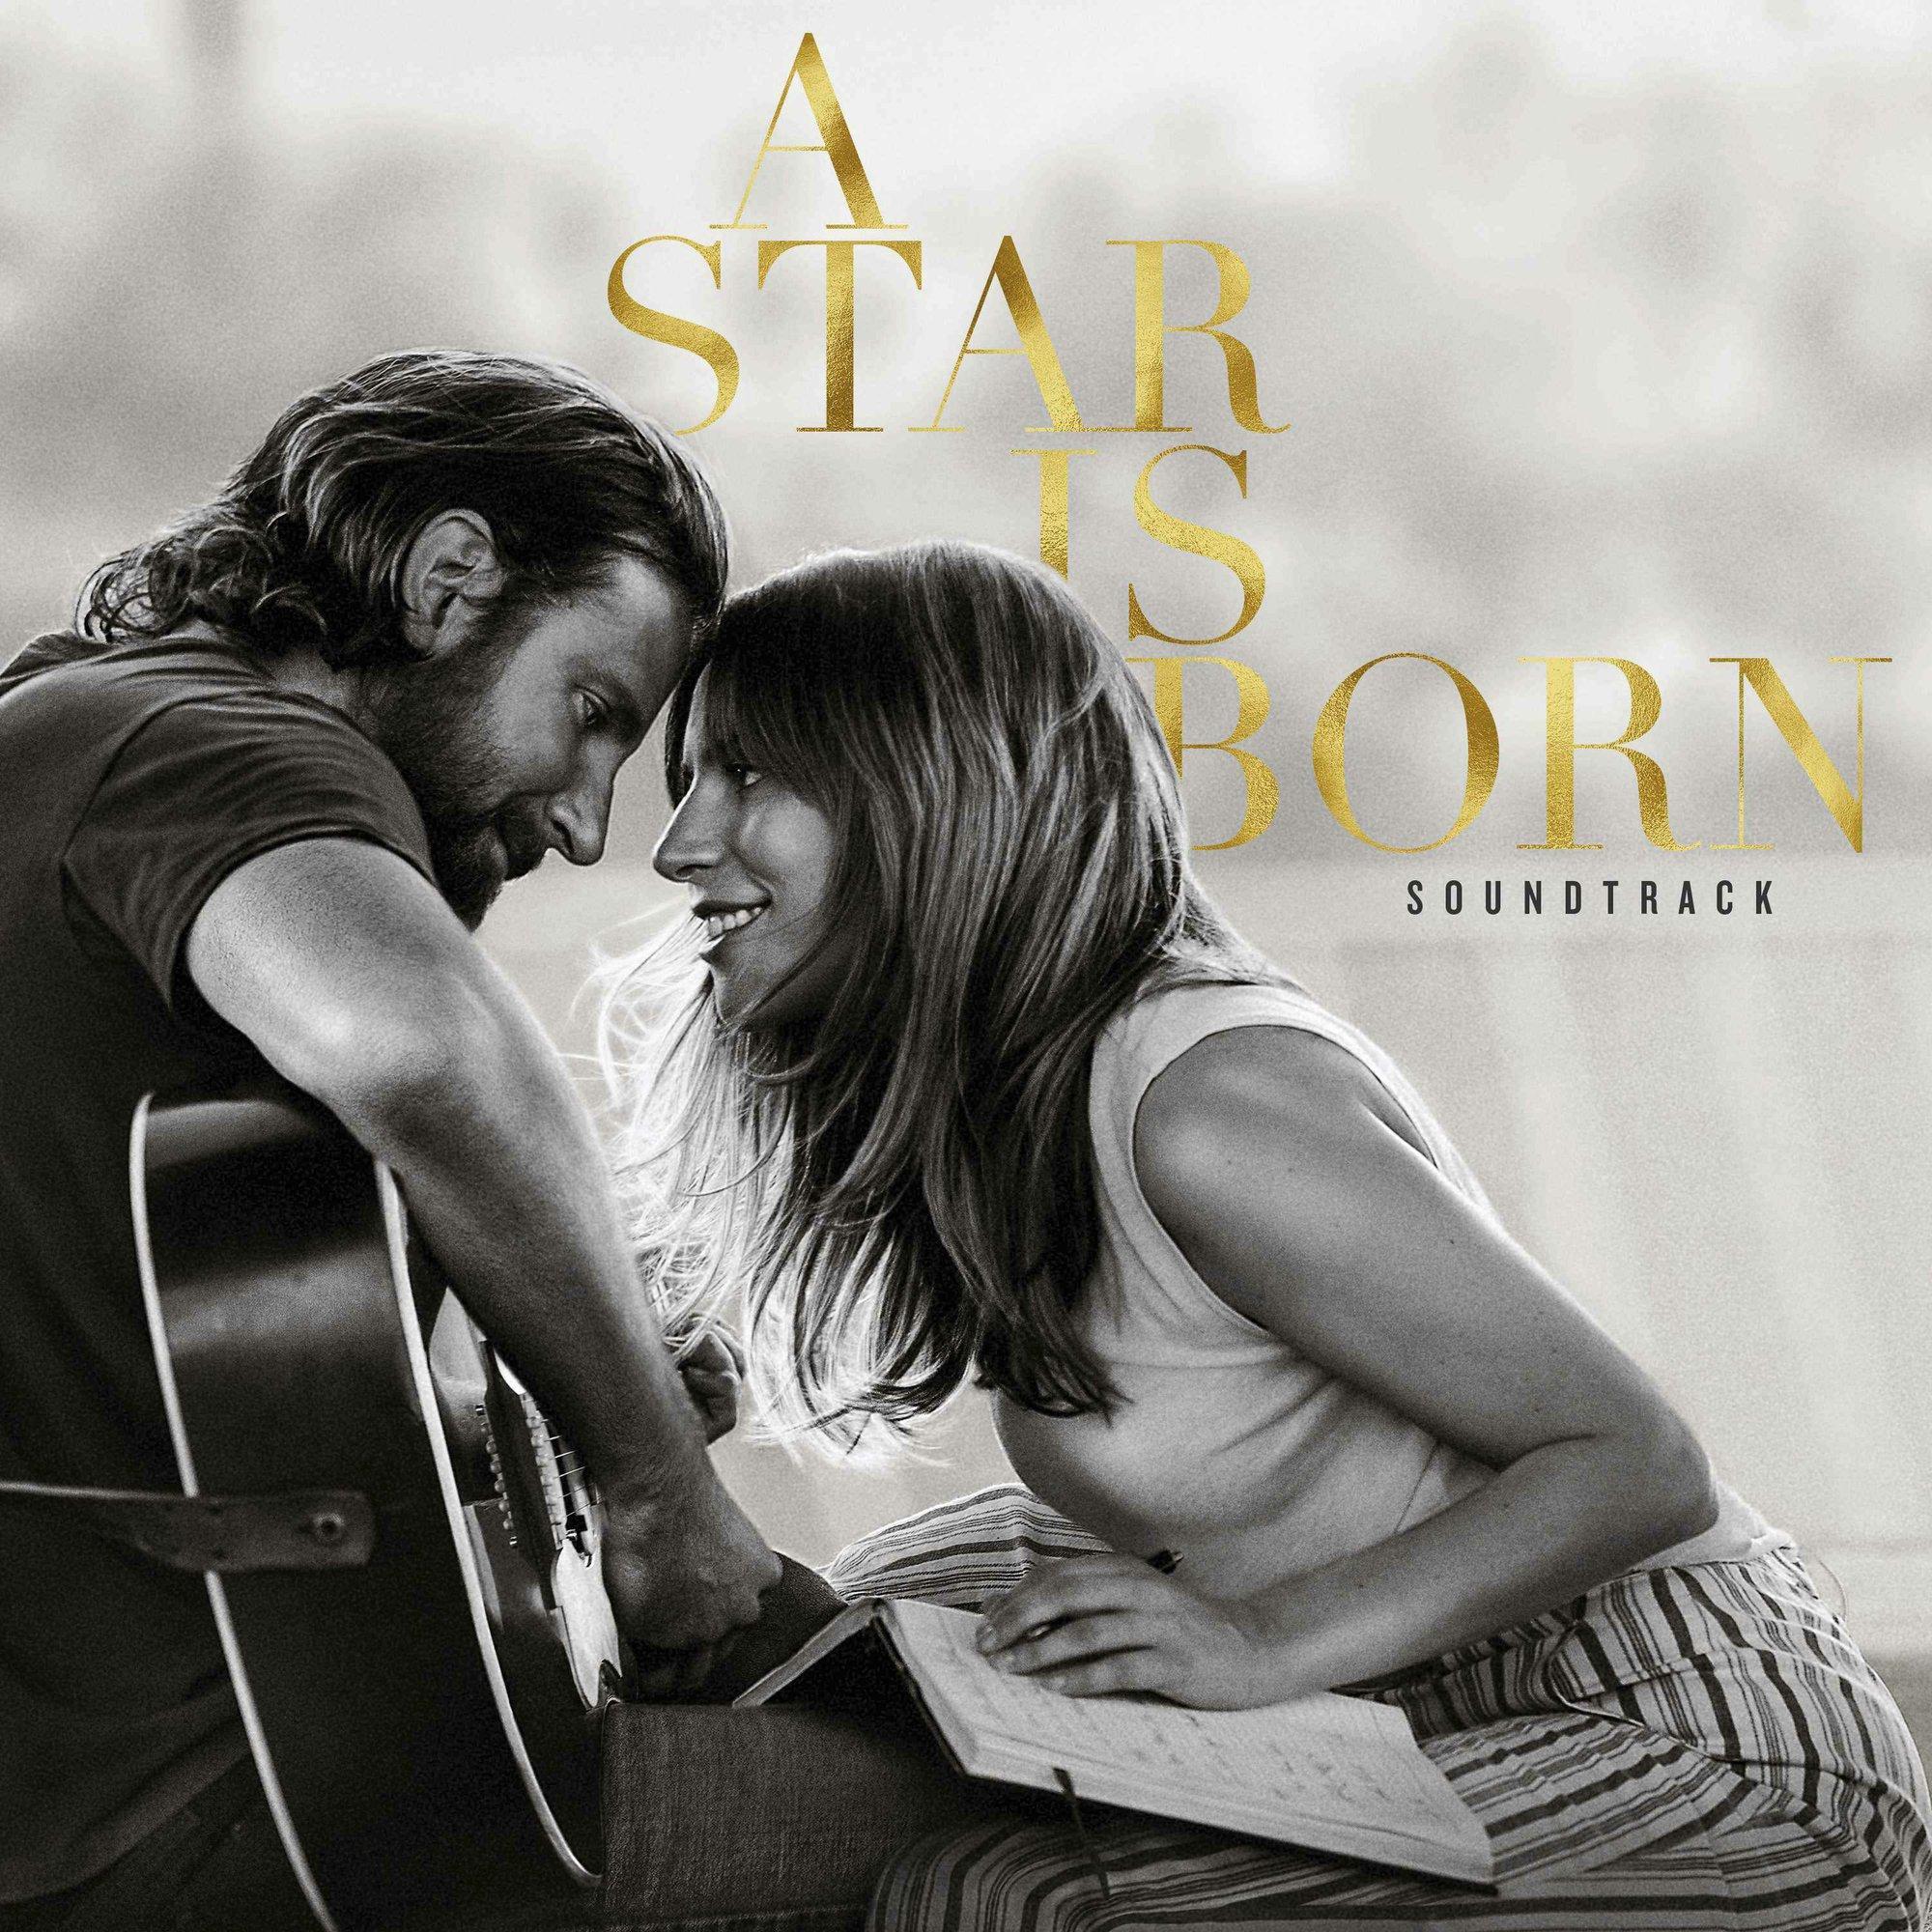 Resultado de imagem para a star is born soundtrack cover